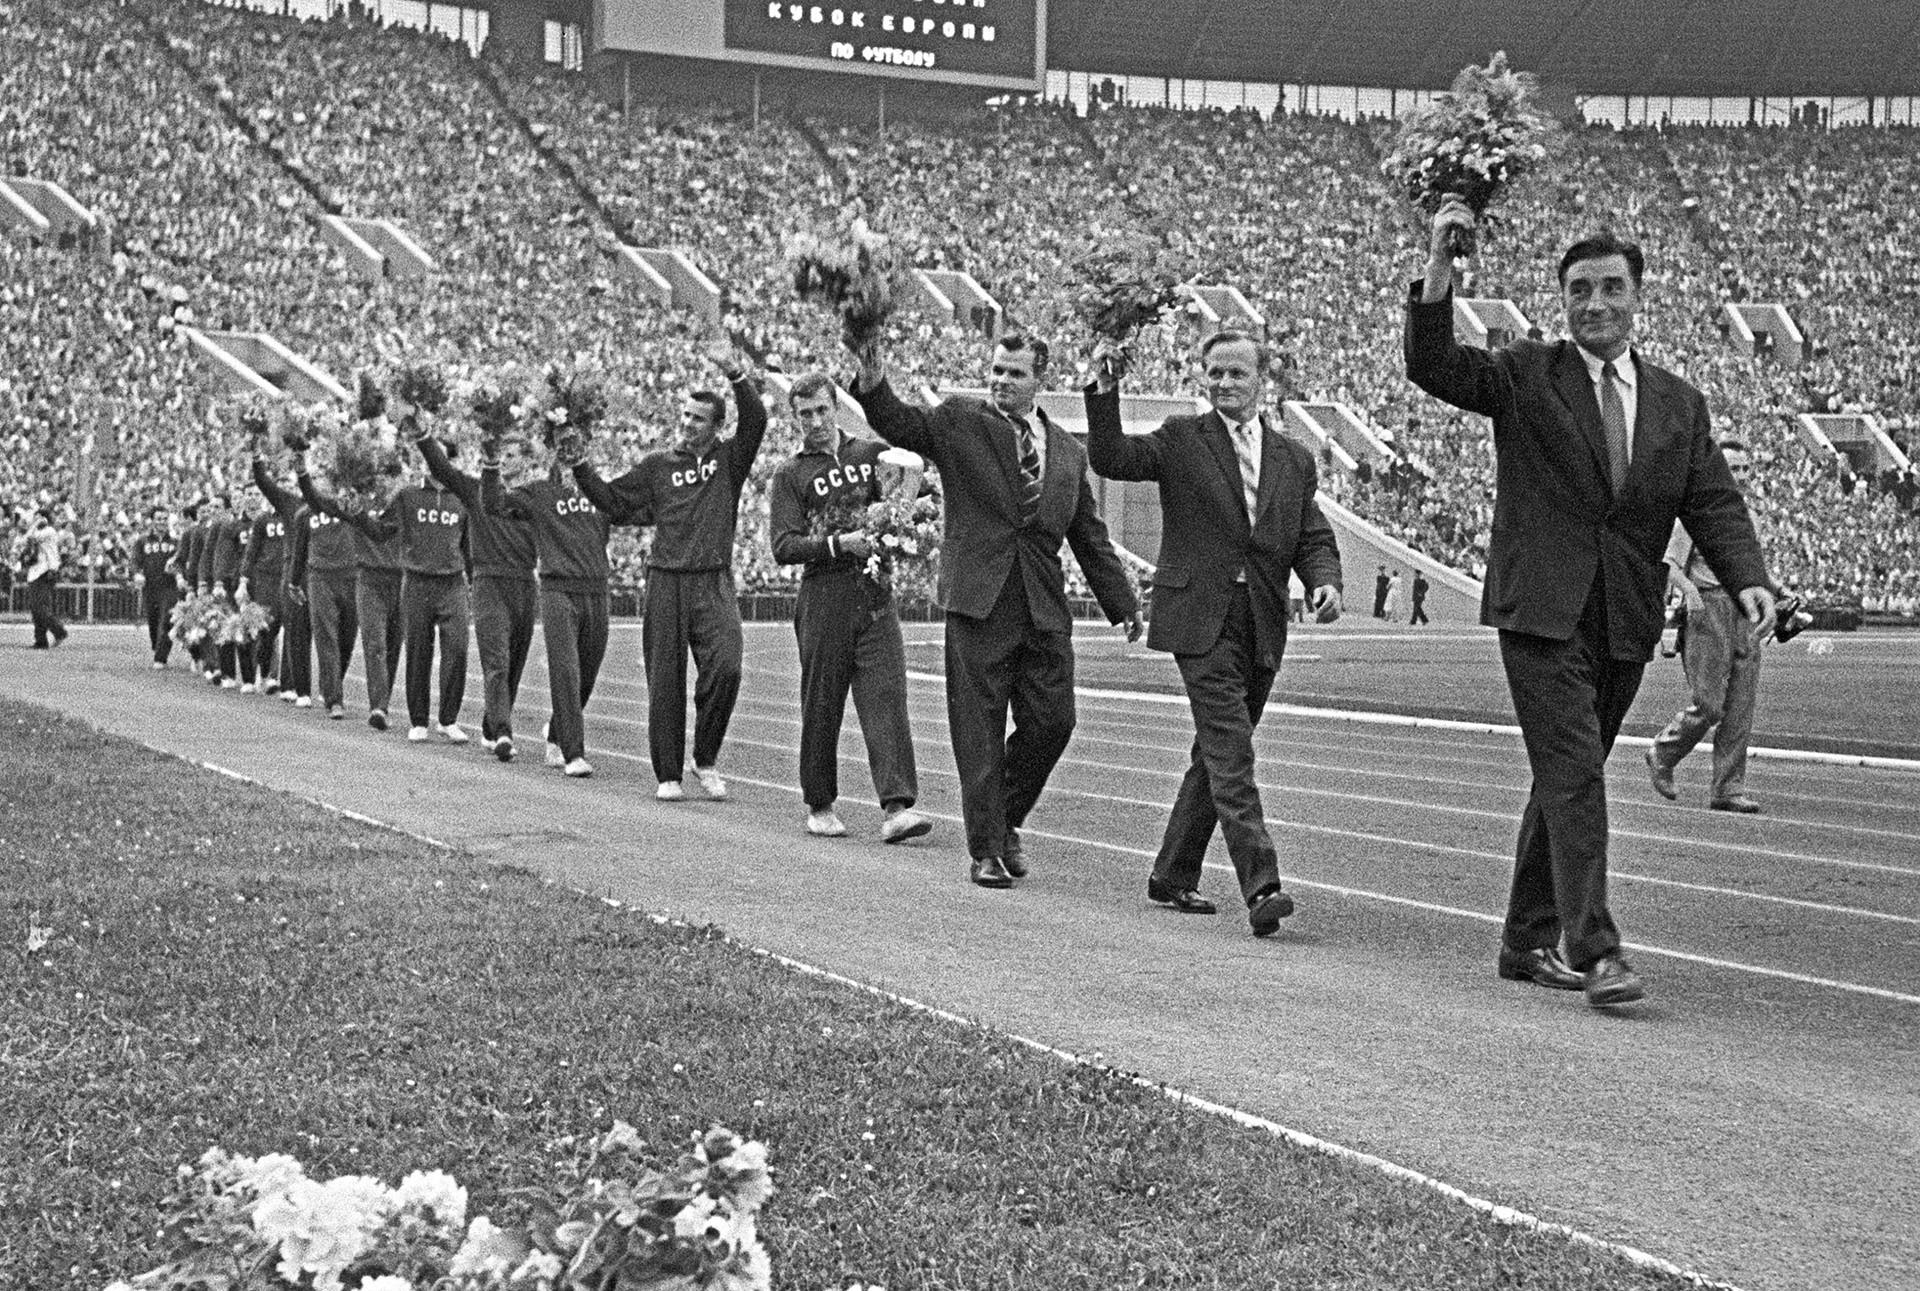 Sovjetska nogometna reprezentacija nakon svoje prve pobjede u povijesti na Europskom nogometnom prvenstvu 1960.